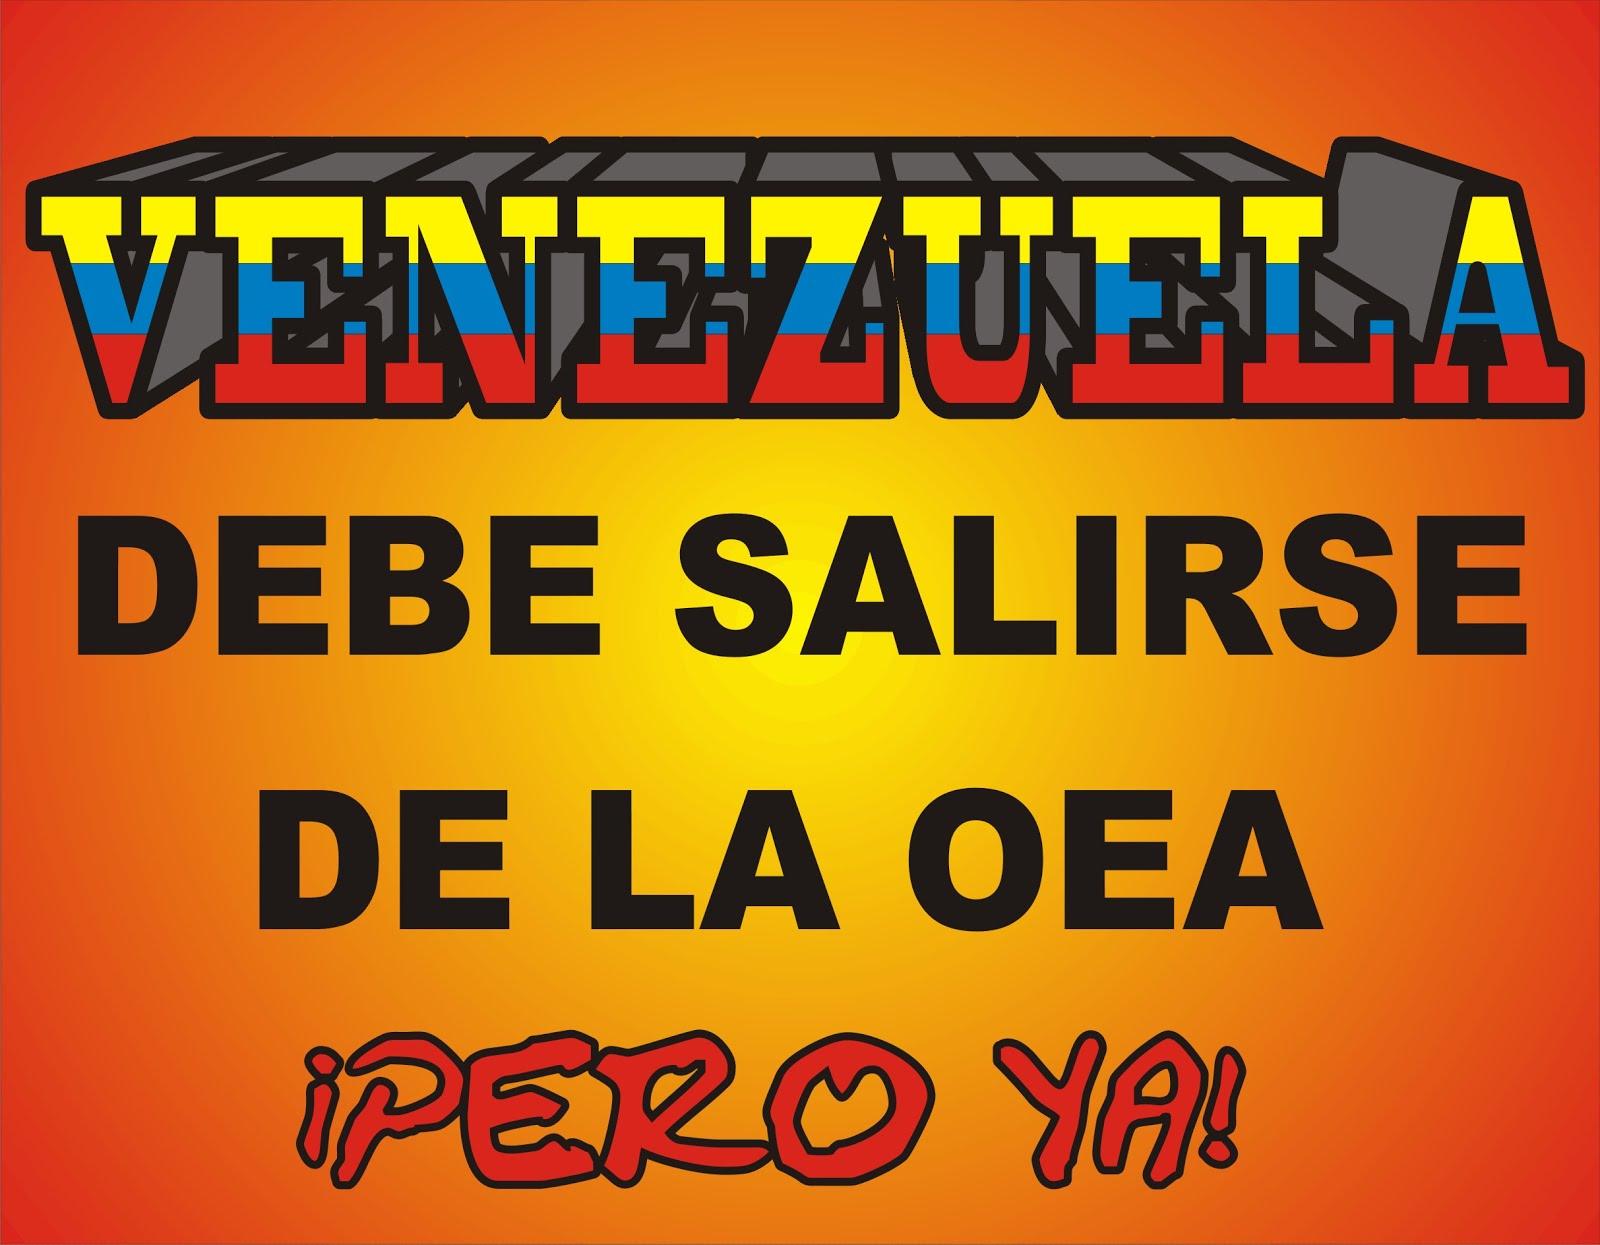 VENEZUELA DEBE SALIRSE DE LA OEA